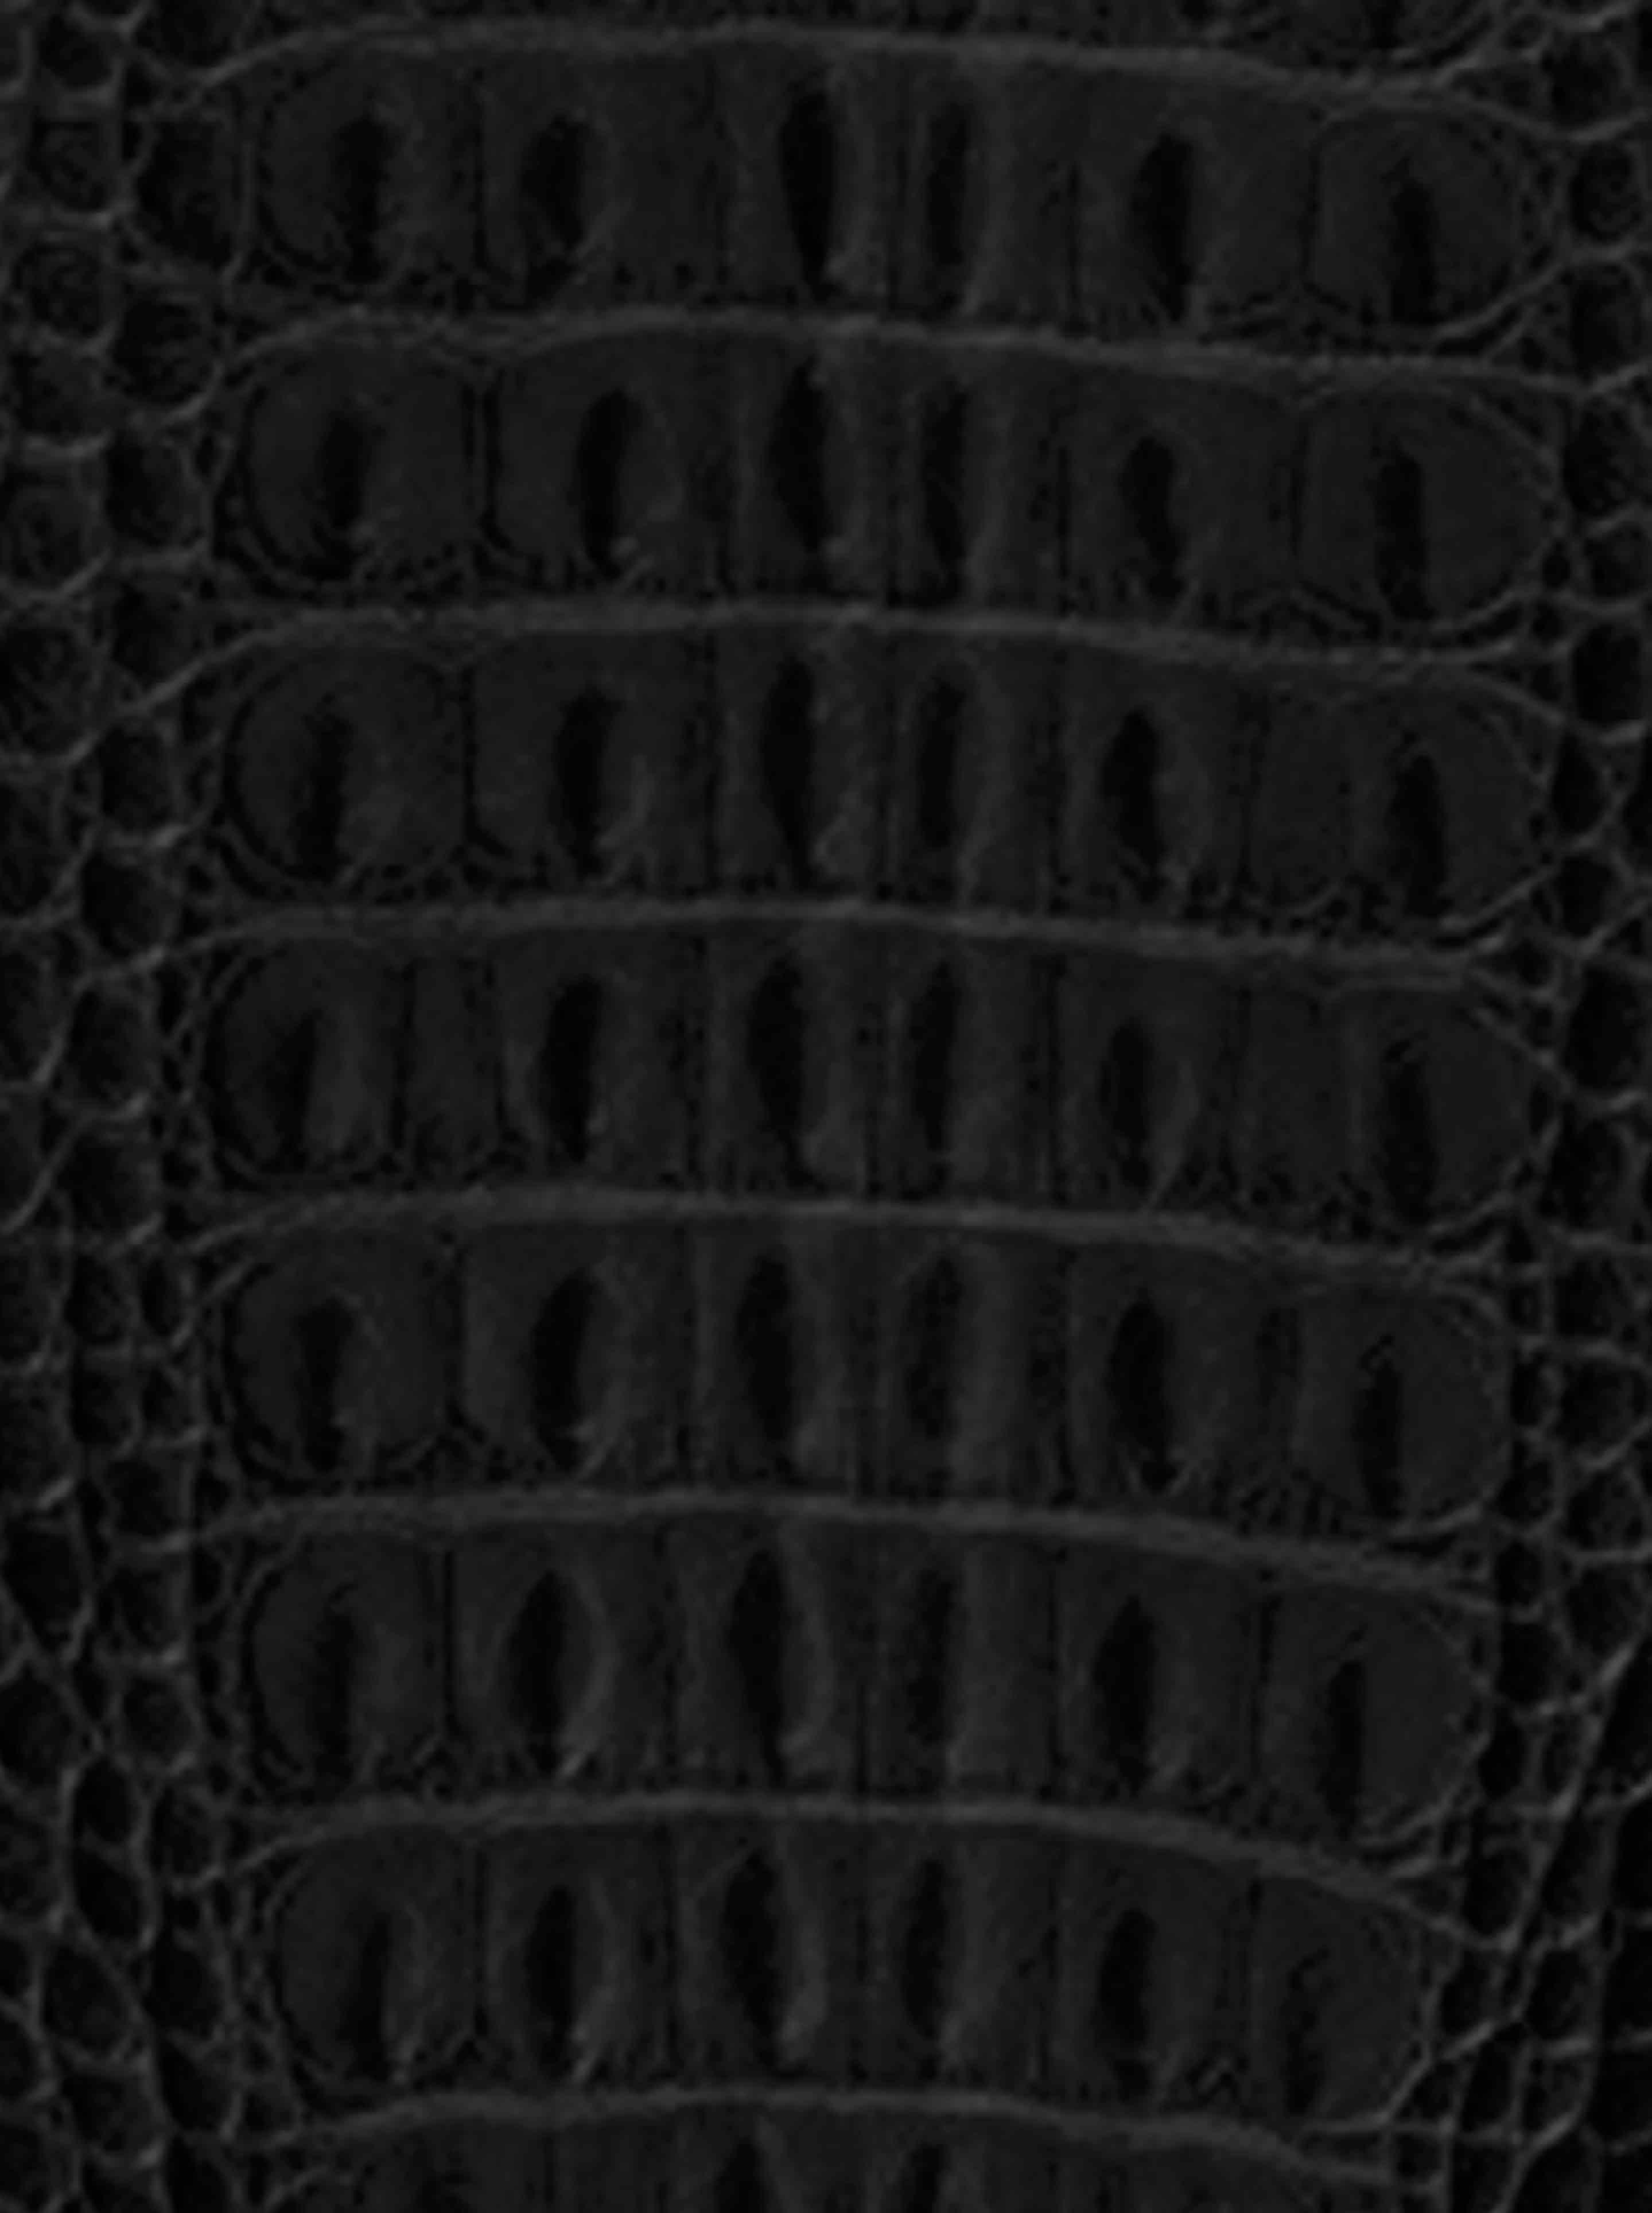 Black Crocodile Wallpaper - WallpaperSafari